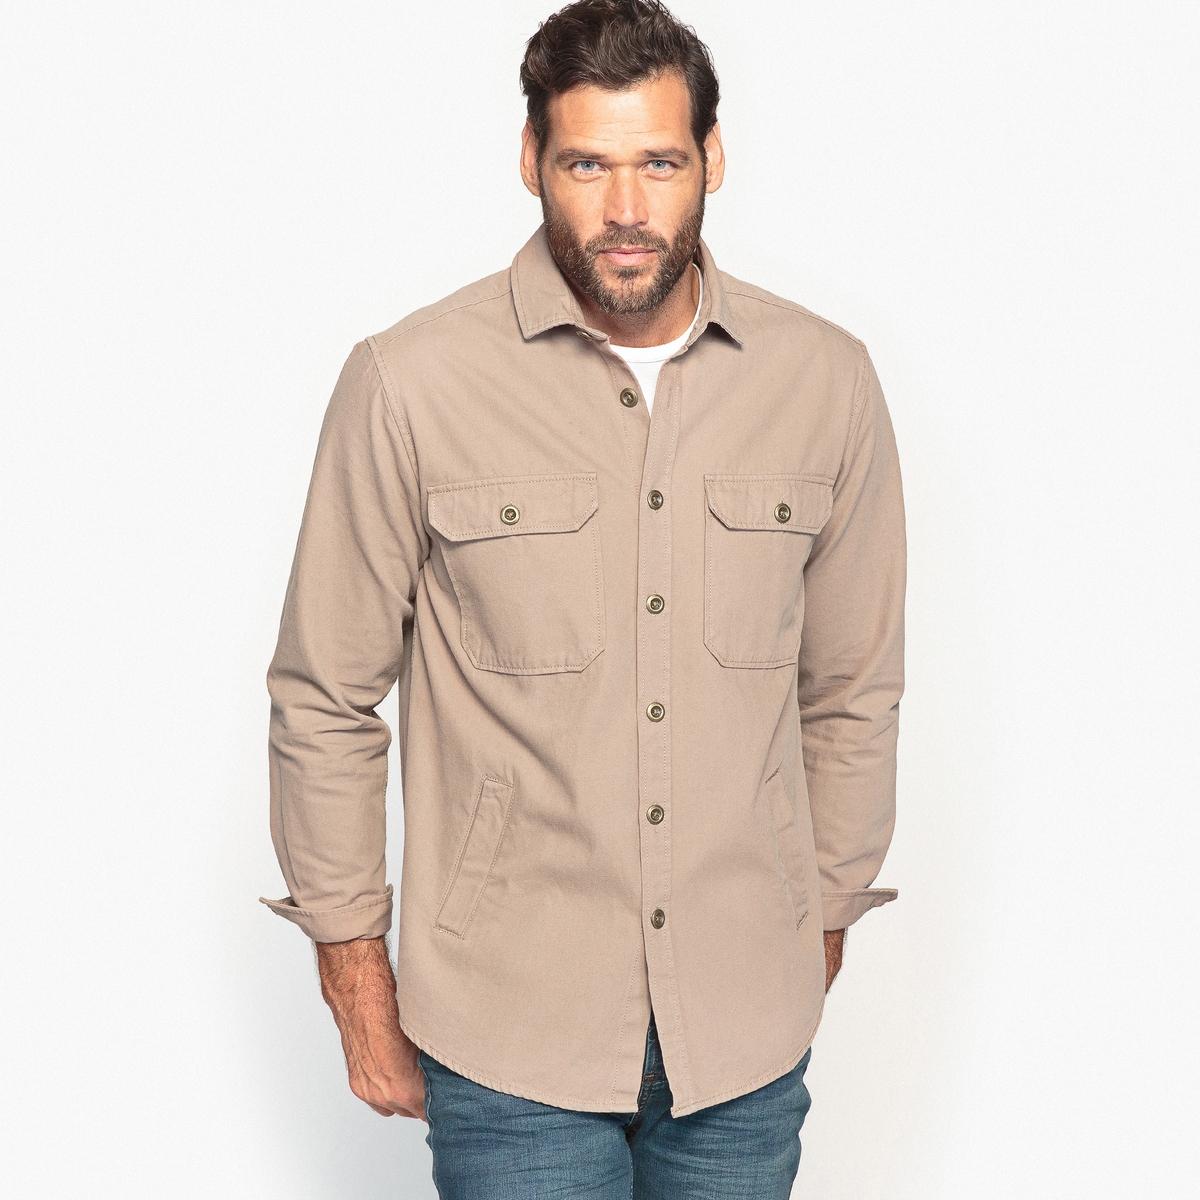 Рубашка однотонная с длинными рукавамиРубашка с несколькими карманами хорошо смотрится поверх футболки с джинсами. Рубашка в свободном стиле, ее можно носить расстегнутой или застегнутой. Детали •  Длинные рукава •  Прямой покрой  •  Классический воротникСостав и уход •  100% хлопок  •  Стирать при 40° •  Сухая чистка и отбеливание запрещены • Барабанная сушка на деликатном режиме   •  Низкая температура глажкиТовар из коллекции больших размеров<br><br>Цвет: серо-коричневый<br>Размер: 74/76.58/60.70/72.82/84